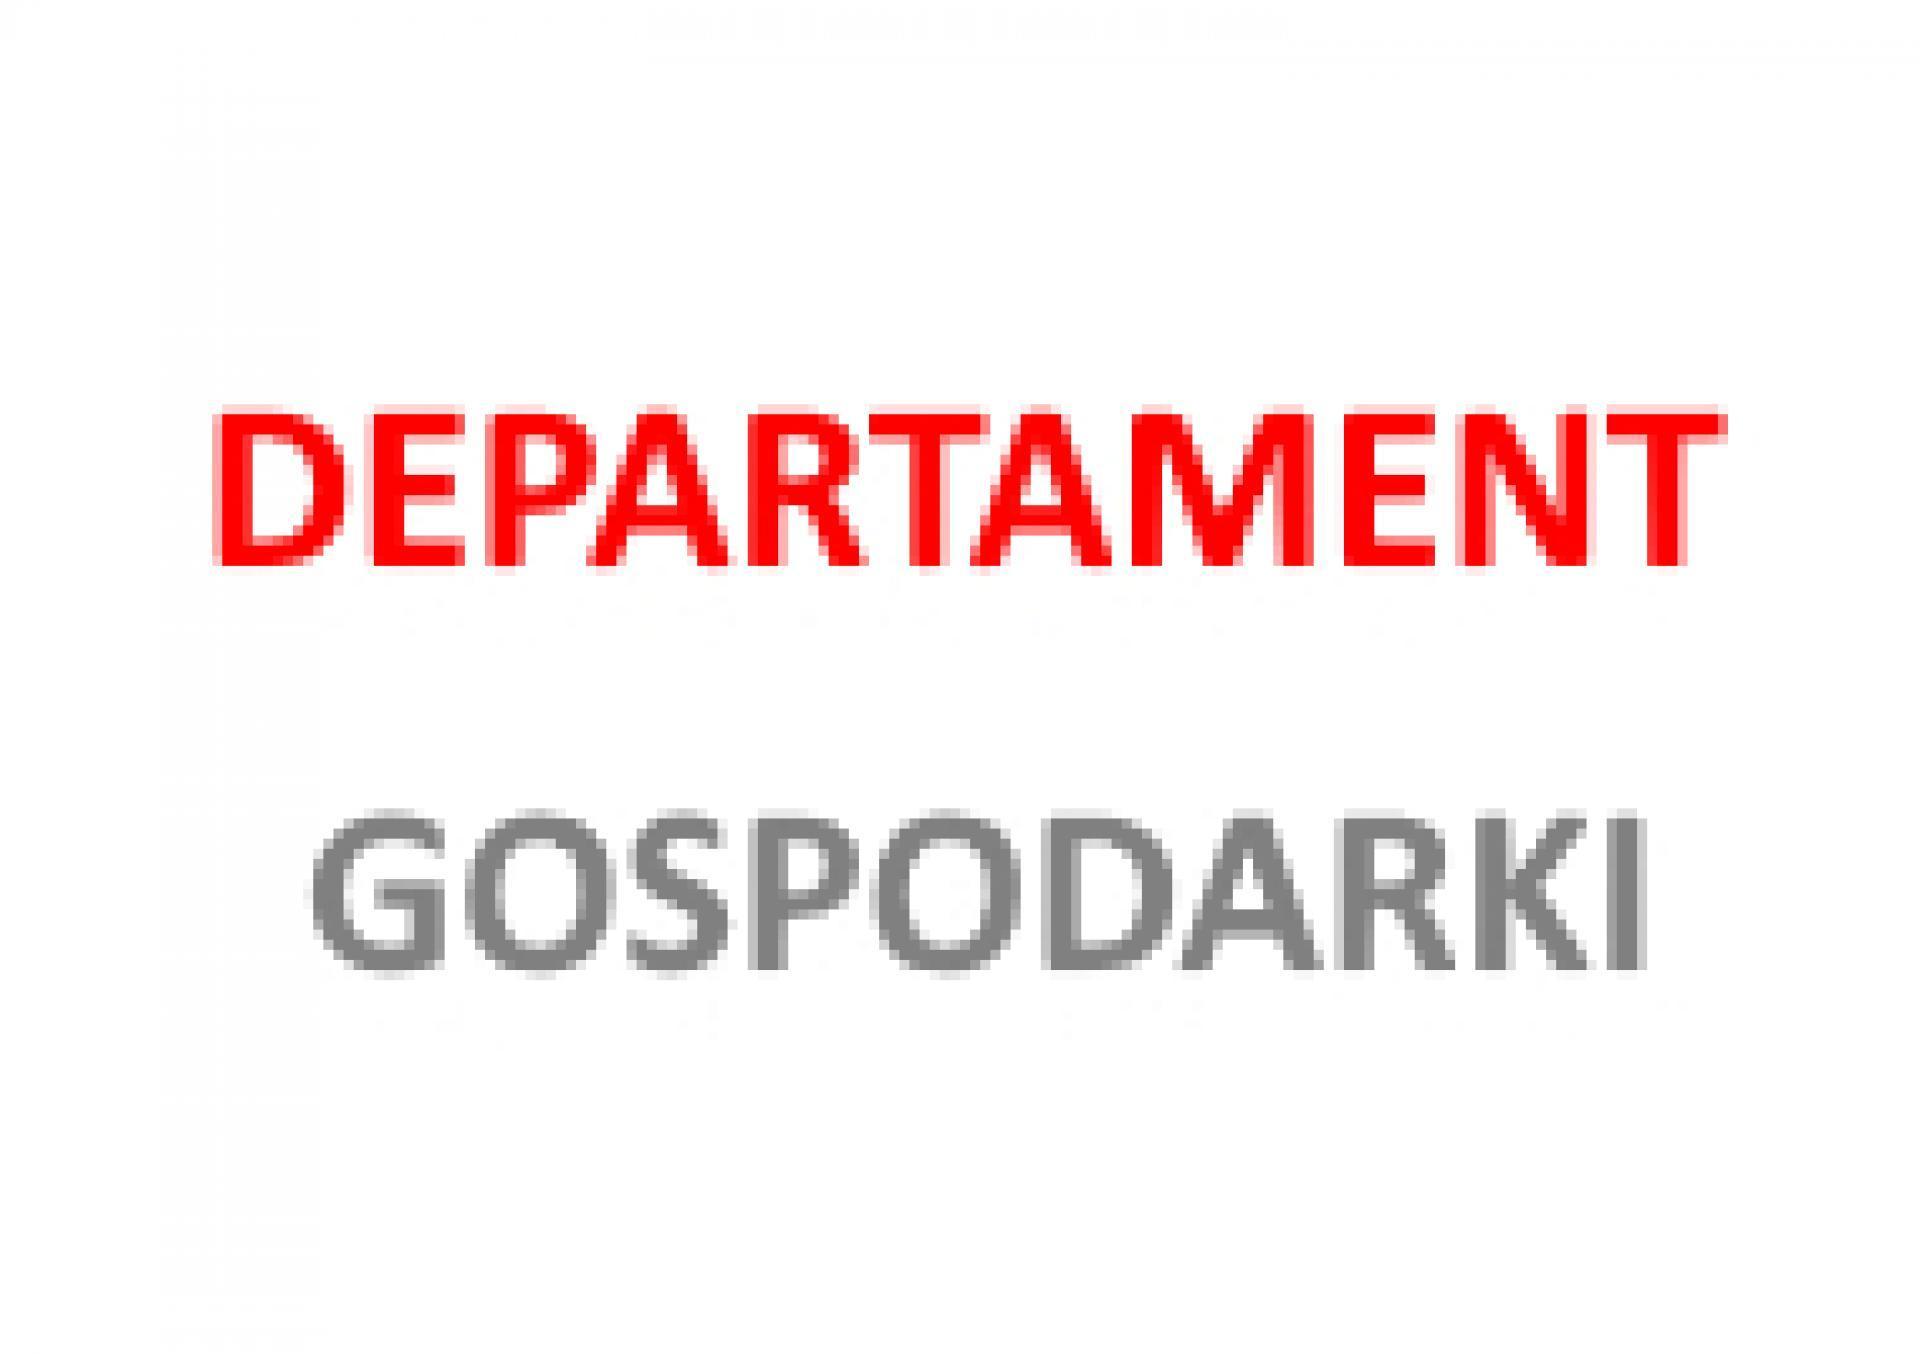 Wielkopolska Trade Office – zapraszamy wielkopolskich przedsiębiorców do kontaktu! - zobacz więcej